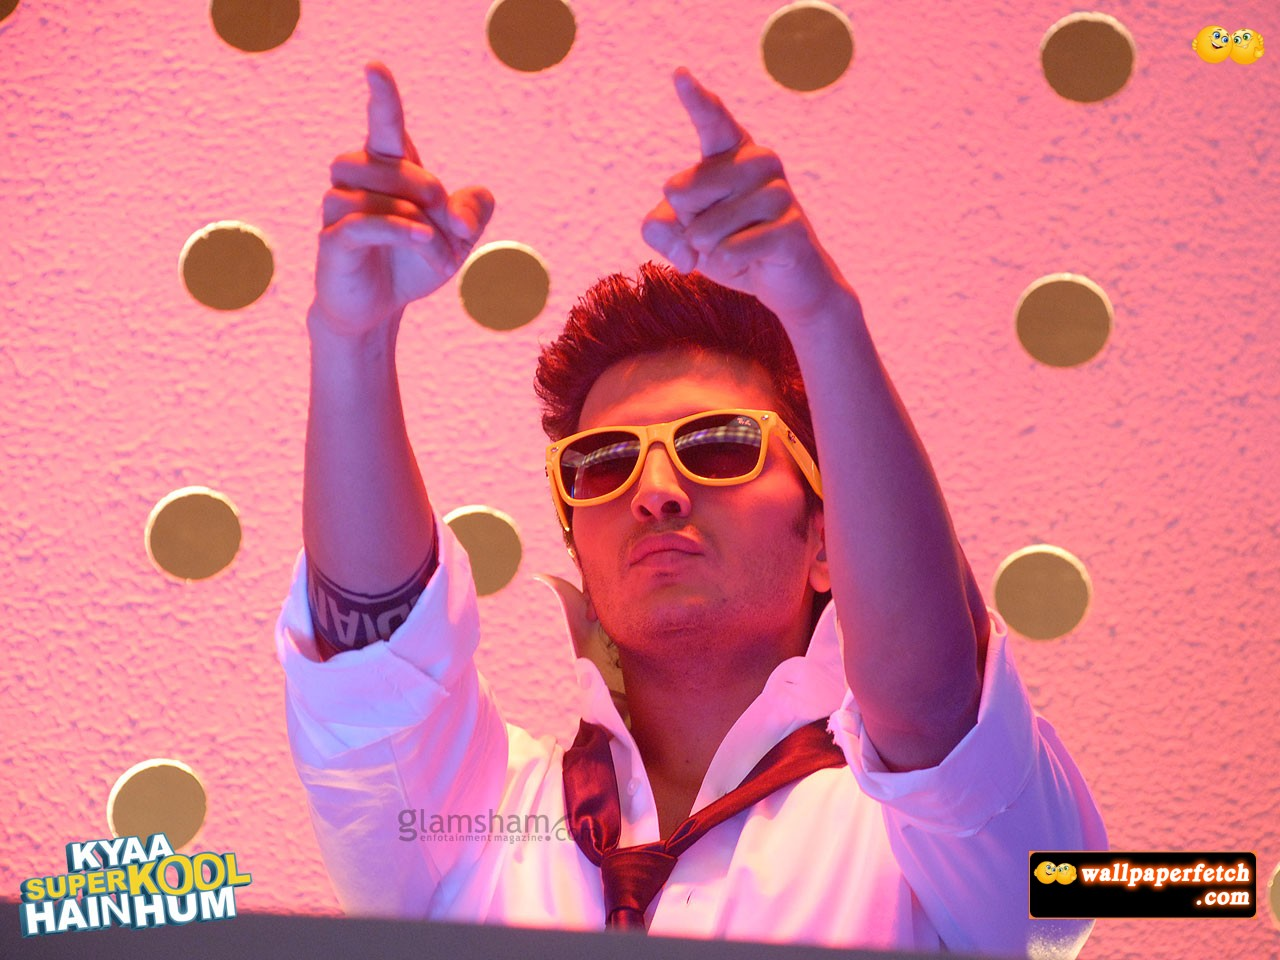 http://1.bp.blogspot.com/-c7XCGfrxqi4/T9ynWmbAkJI/AAAAAAAAAMQ/t_mO71DQE-g/s1600/kyaa-superkool-hain-hum-wallpaper-05-12x9.jpg